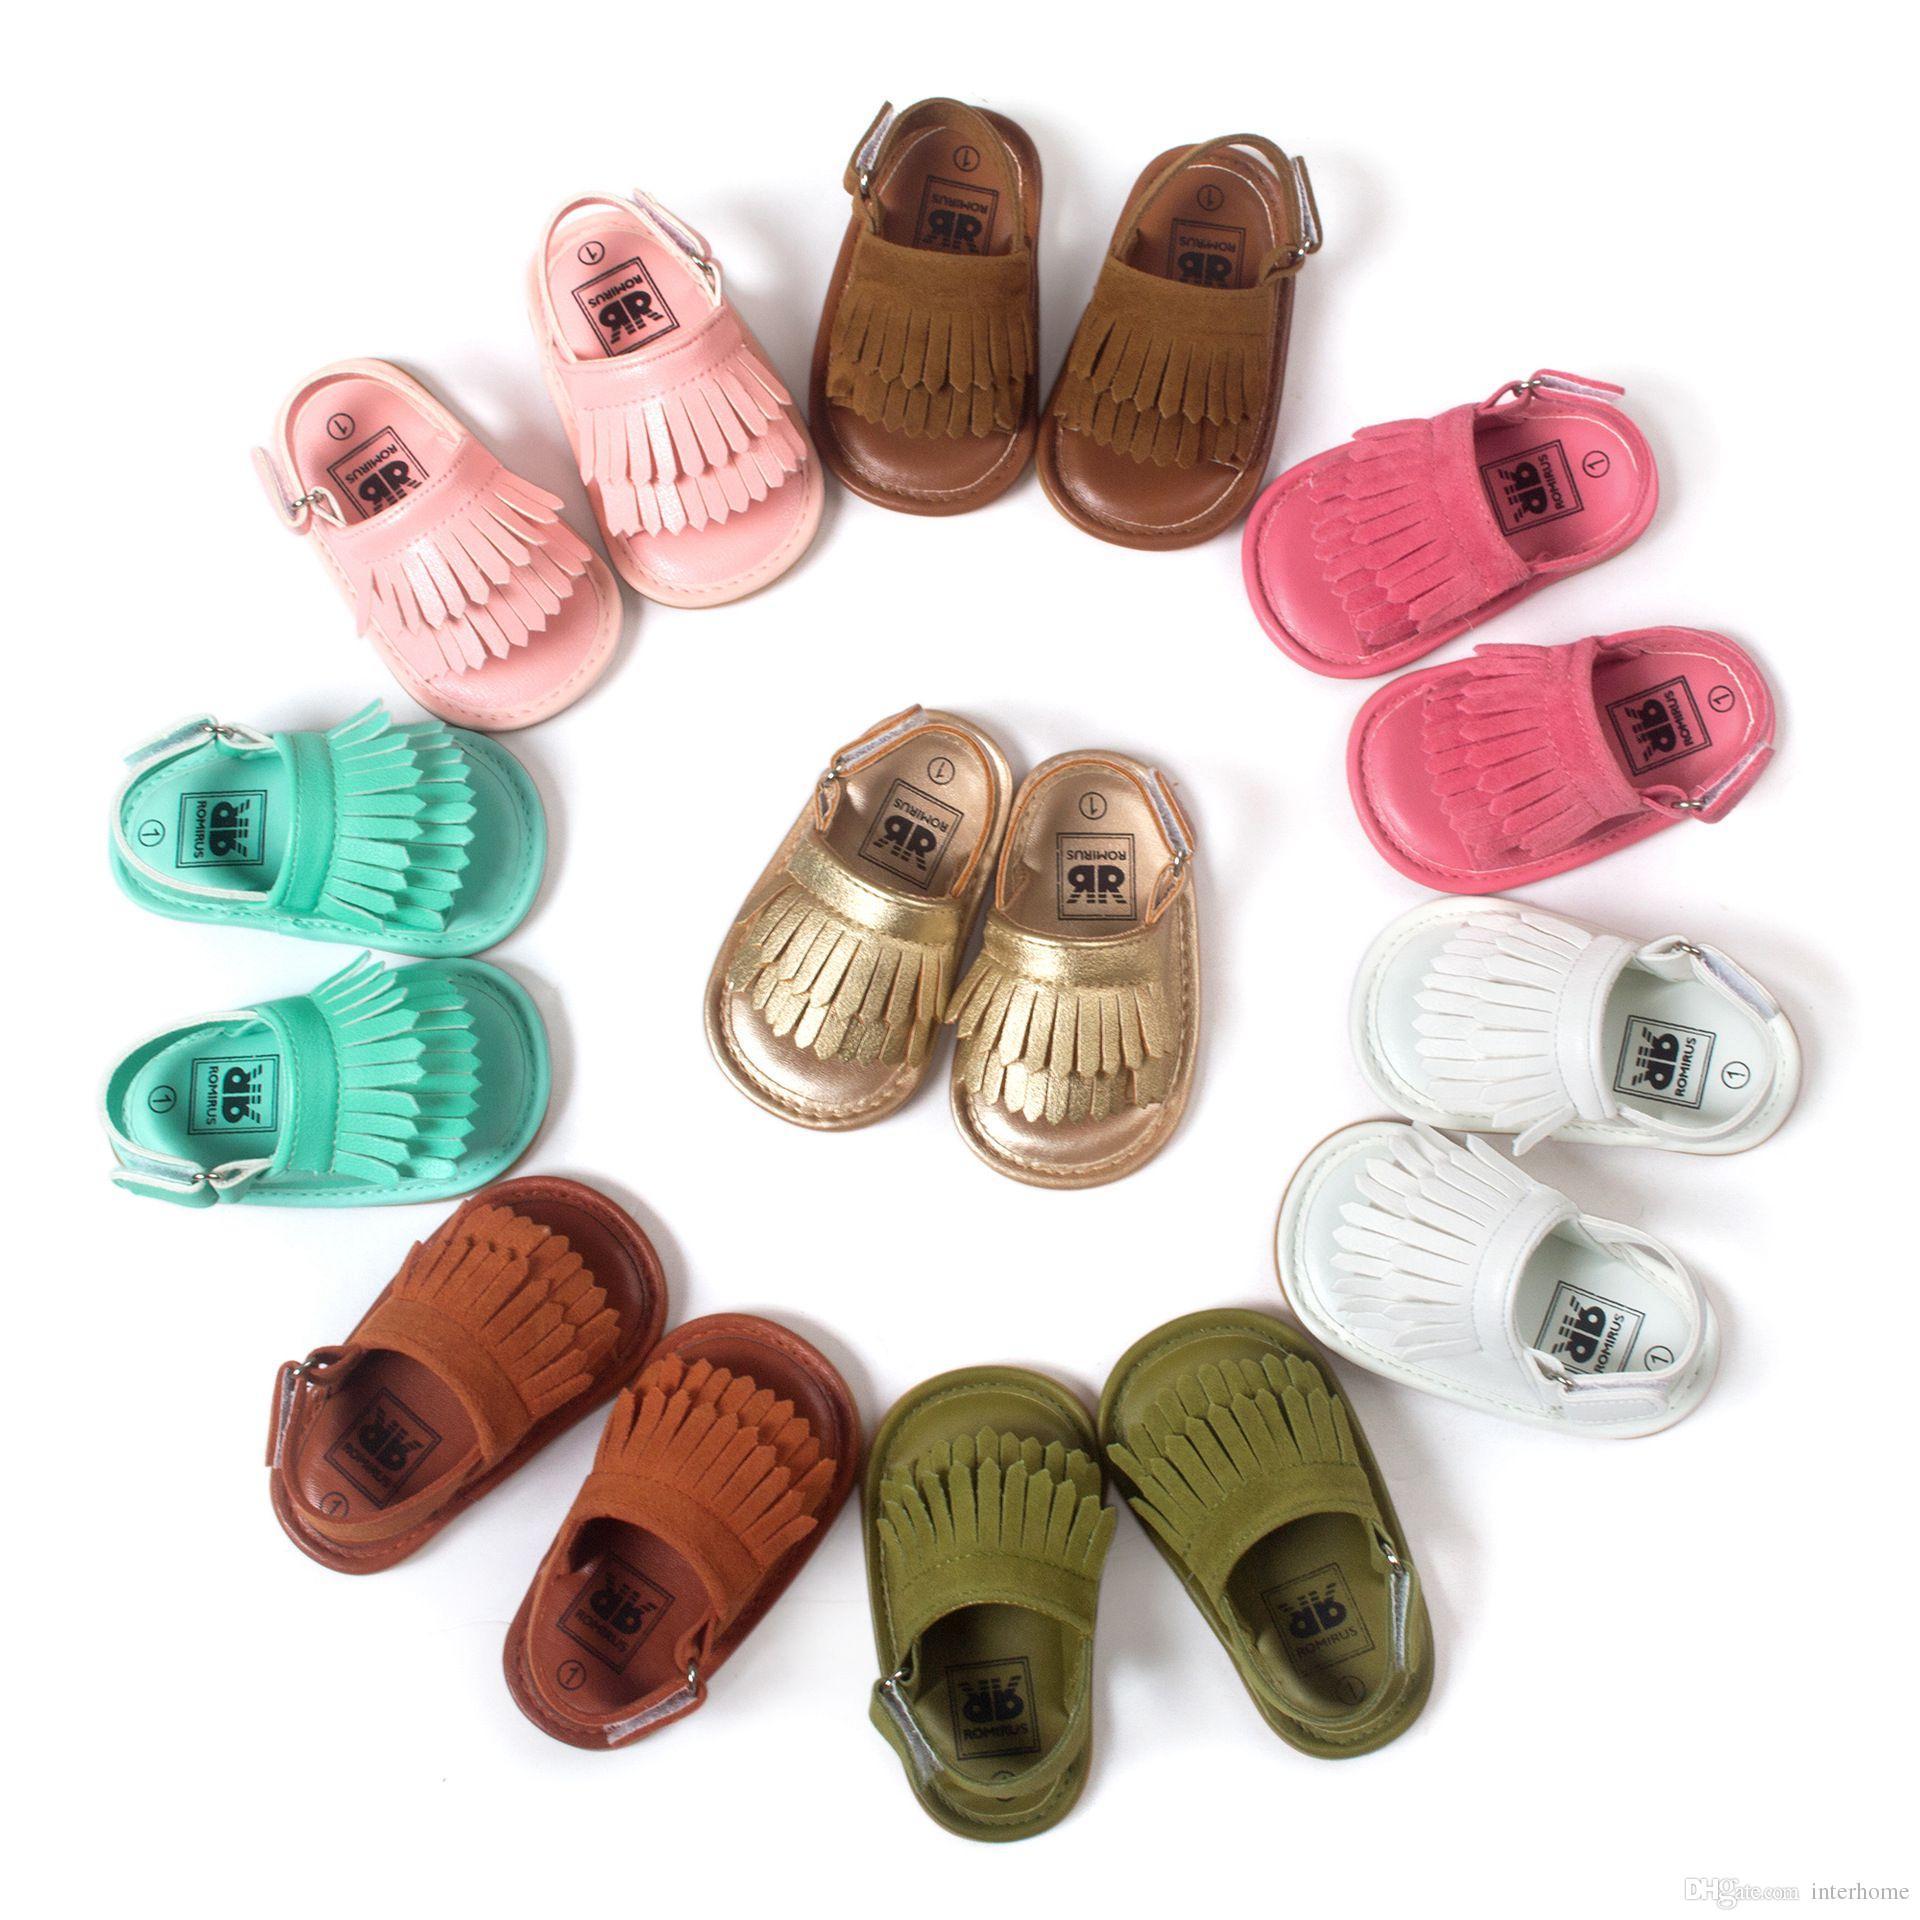 b27727d028497d Großhandel Kinder Infant Open Toe Lederschuhe Kinder Quaste Schuh Sandalen  Schuhe Jungen Mädchen Sommer Weiche Prewalker Schuhe Schuhe Kleinkind  Sandalen ...